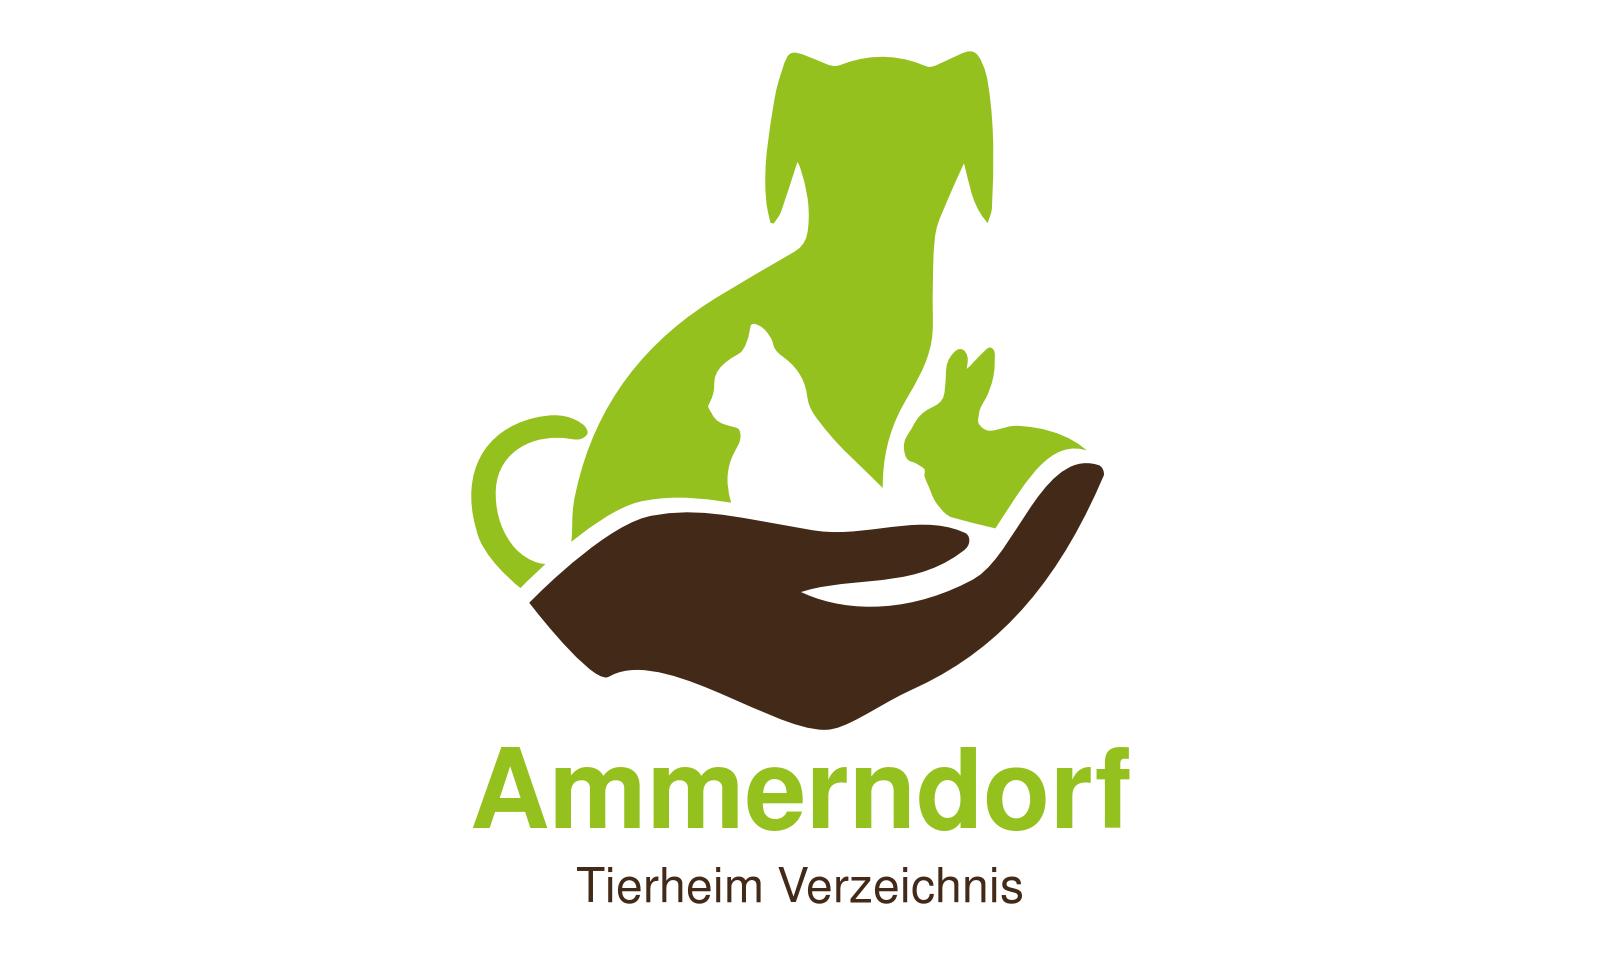 Tierheim Ammerndorf